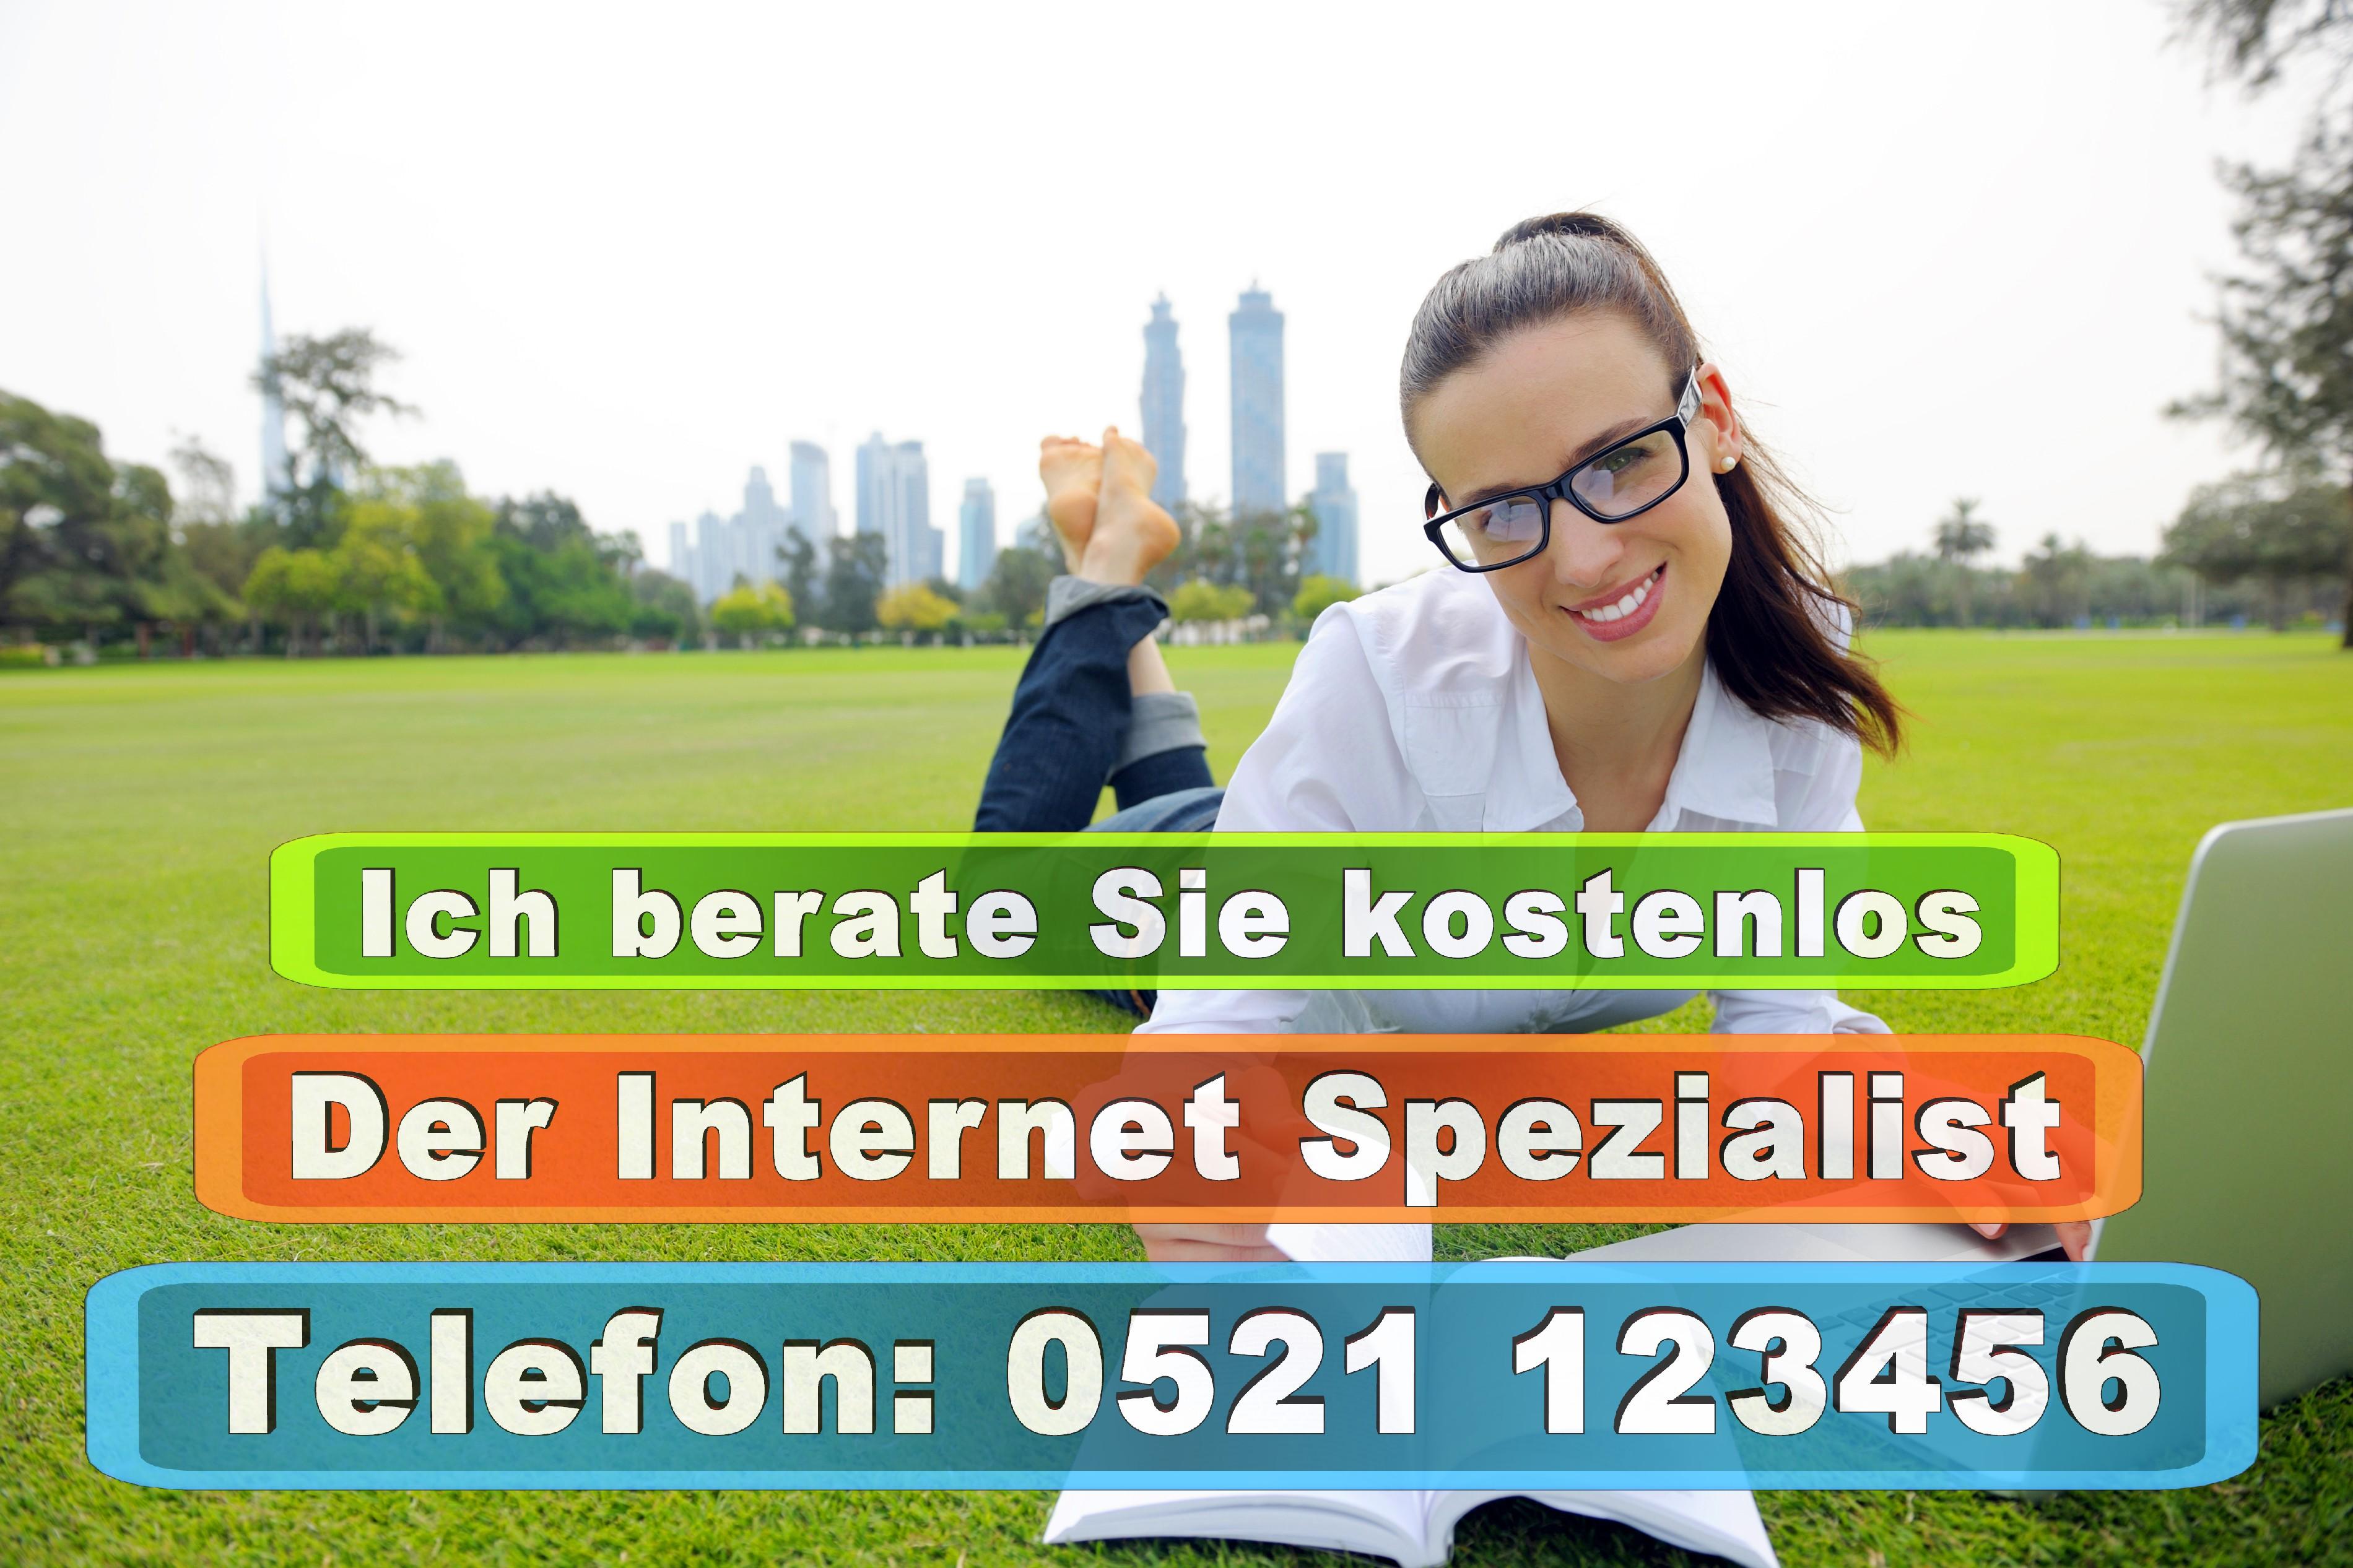 UNI Bielefeld Universität Bielefeld NRW Studentenwohnheim Mensa UNI Bielefeld NRW (15)